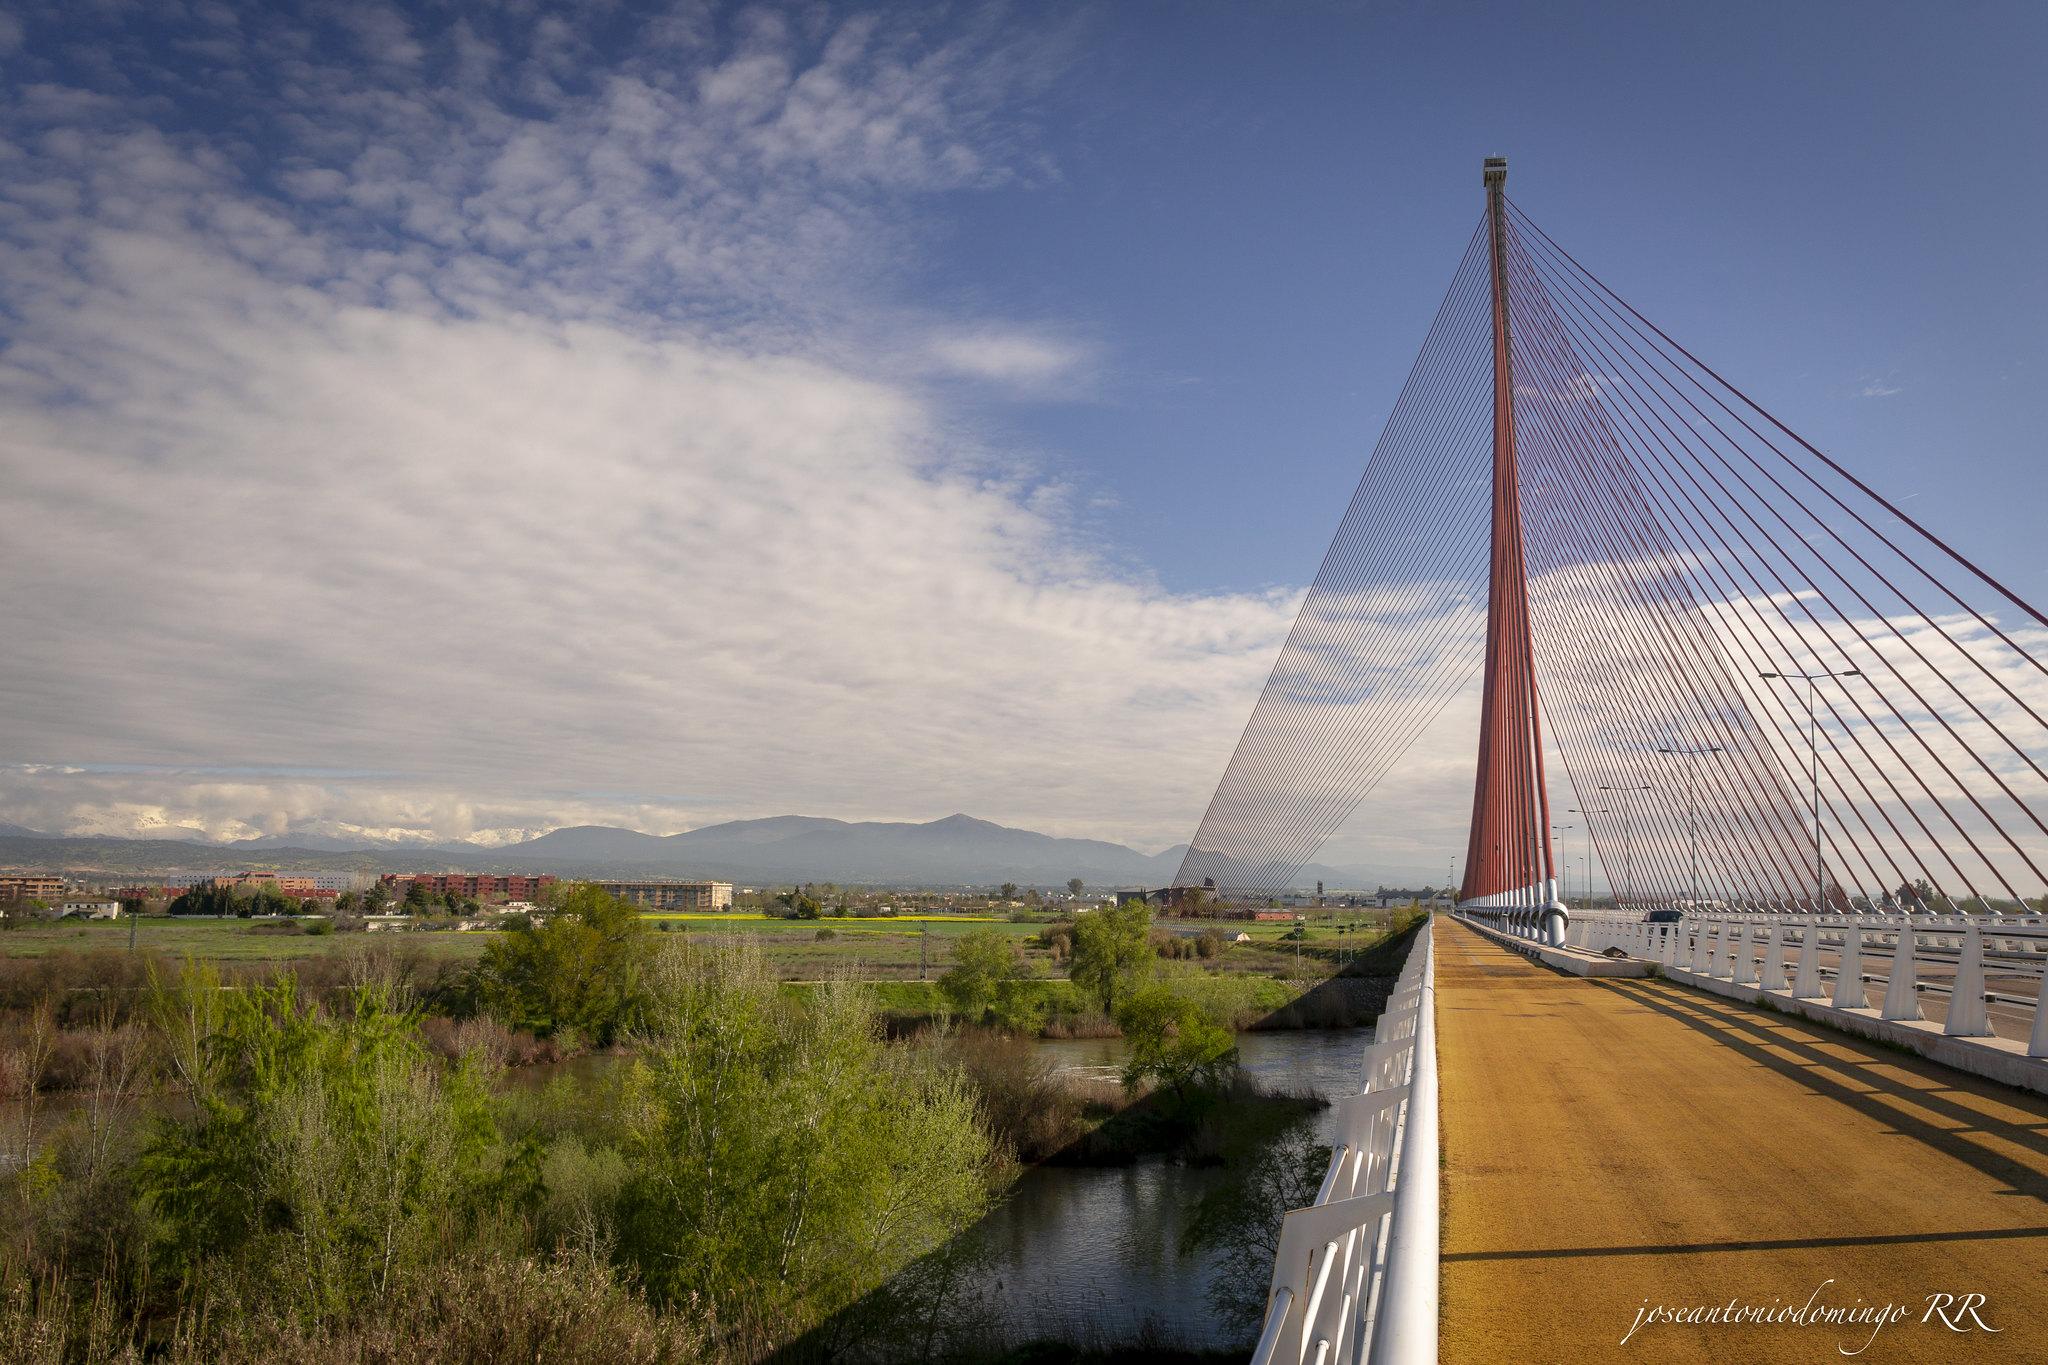 Puente de Castilla La Mancha (Talavera de la Reina)